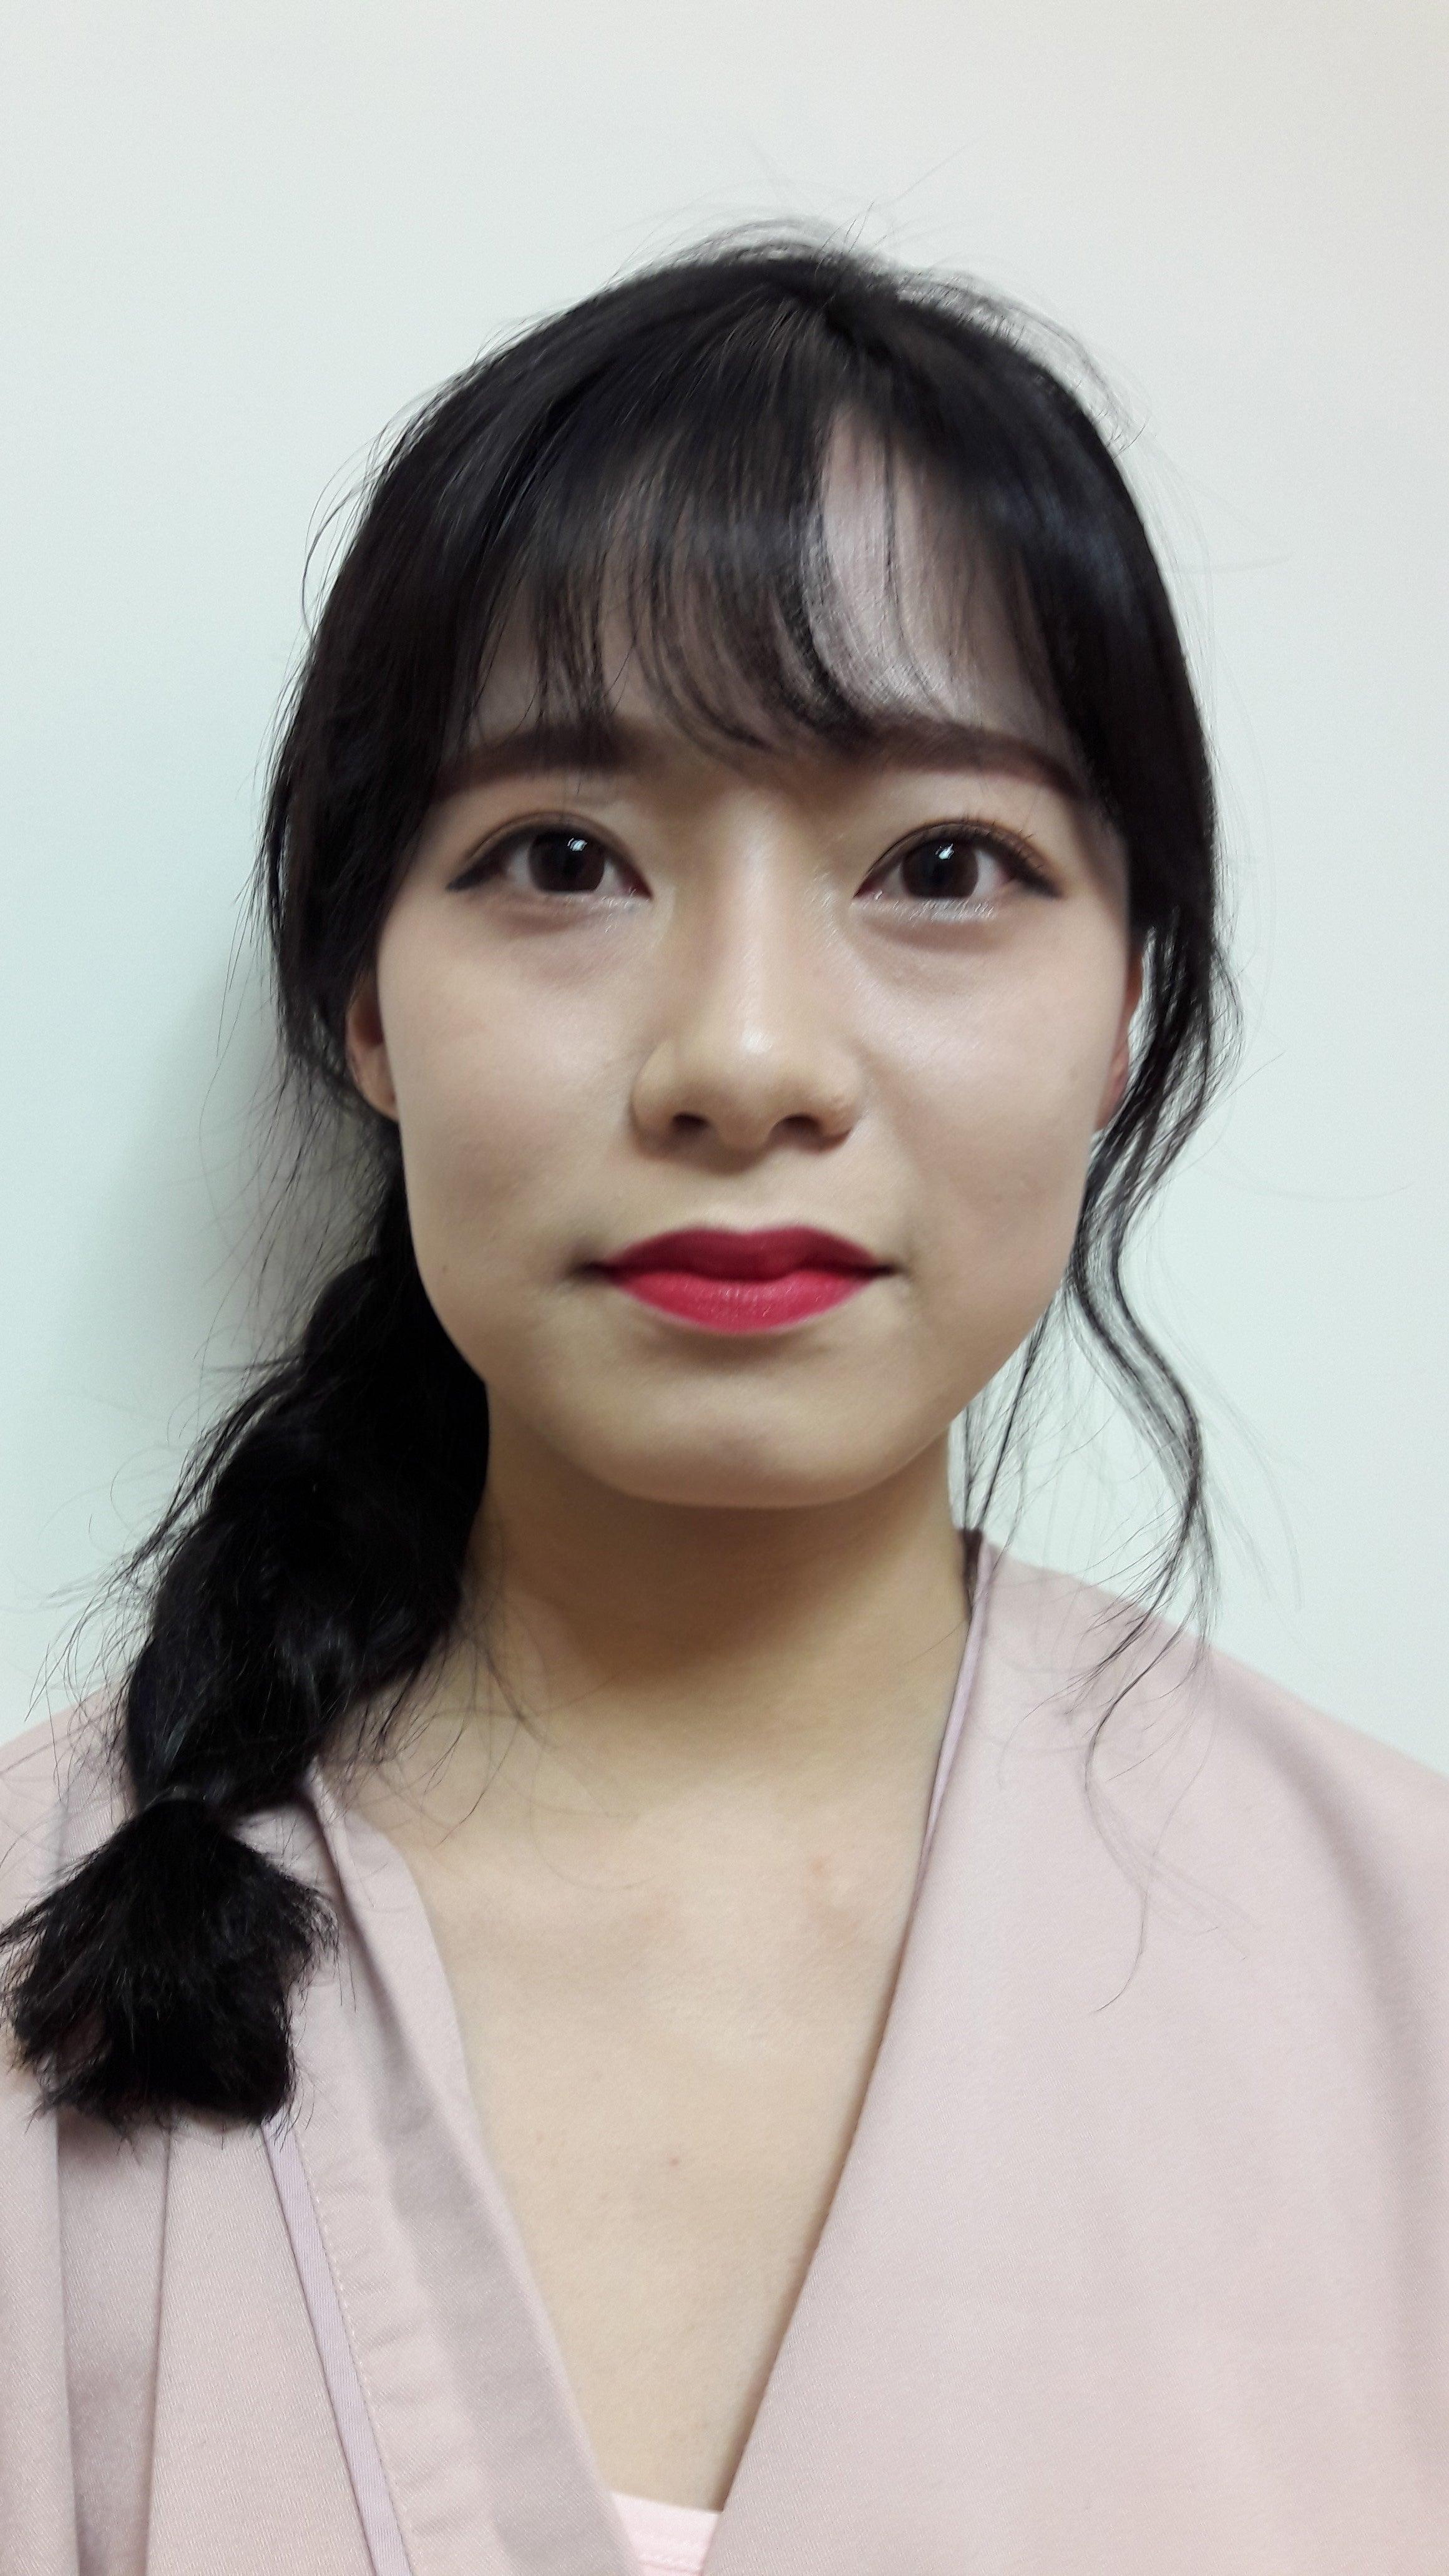 韓国美容整形体験談・老け顔から脱出!芸能人のような美貌を手に入れた彼女の整形ストーリー♪